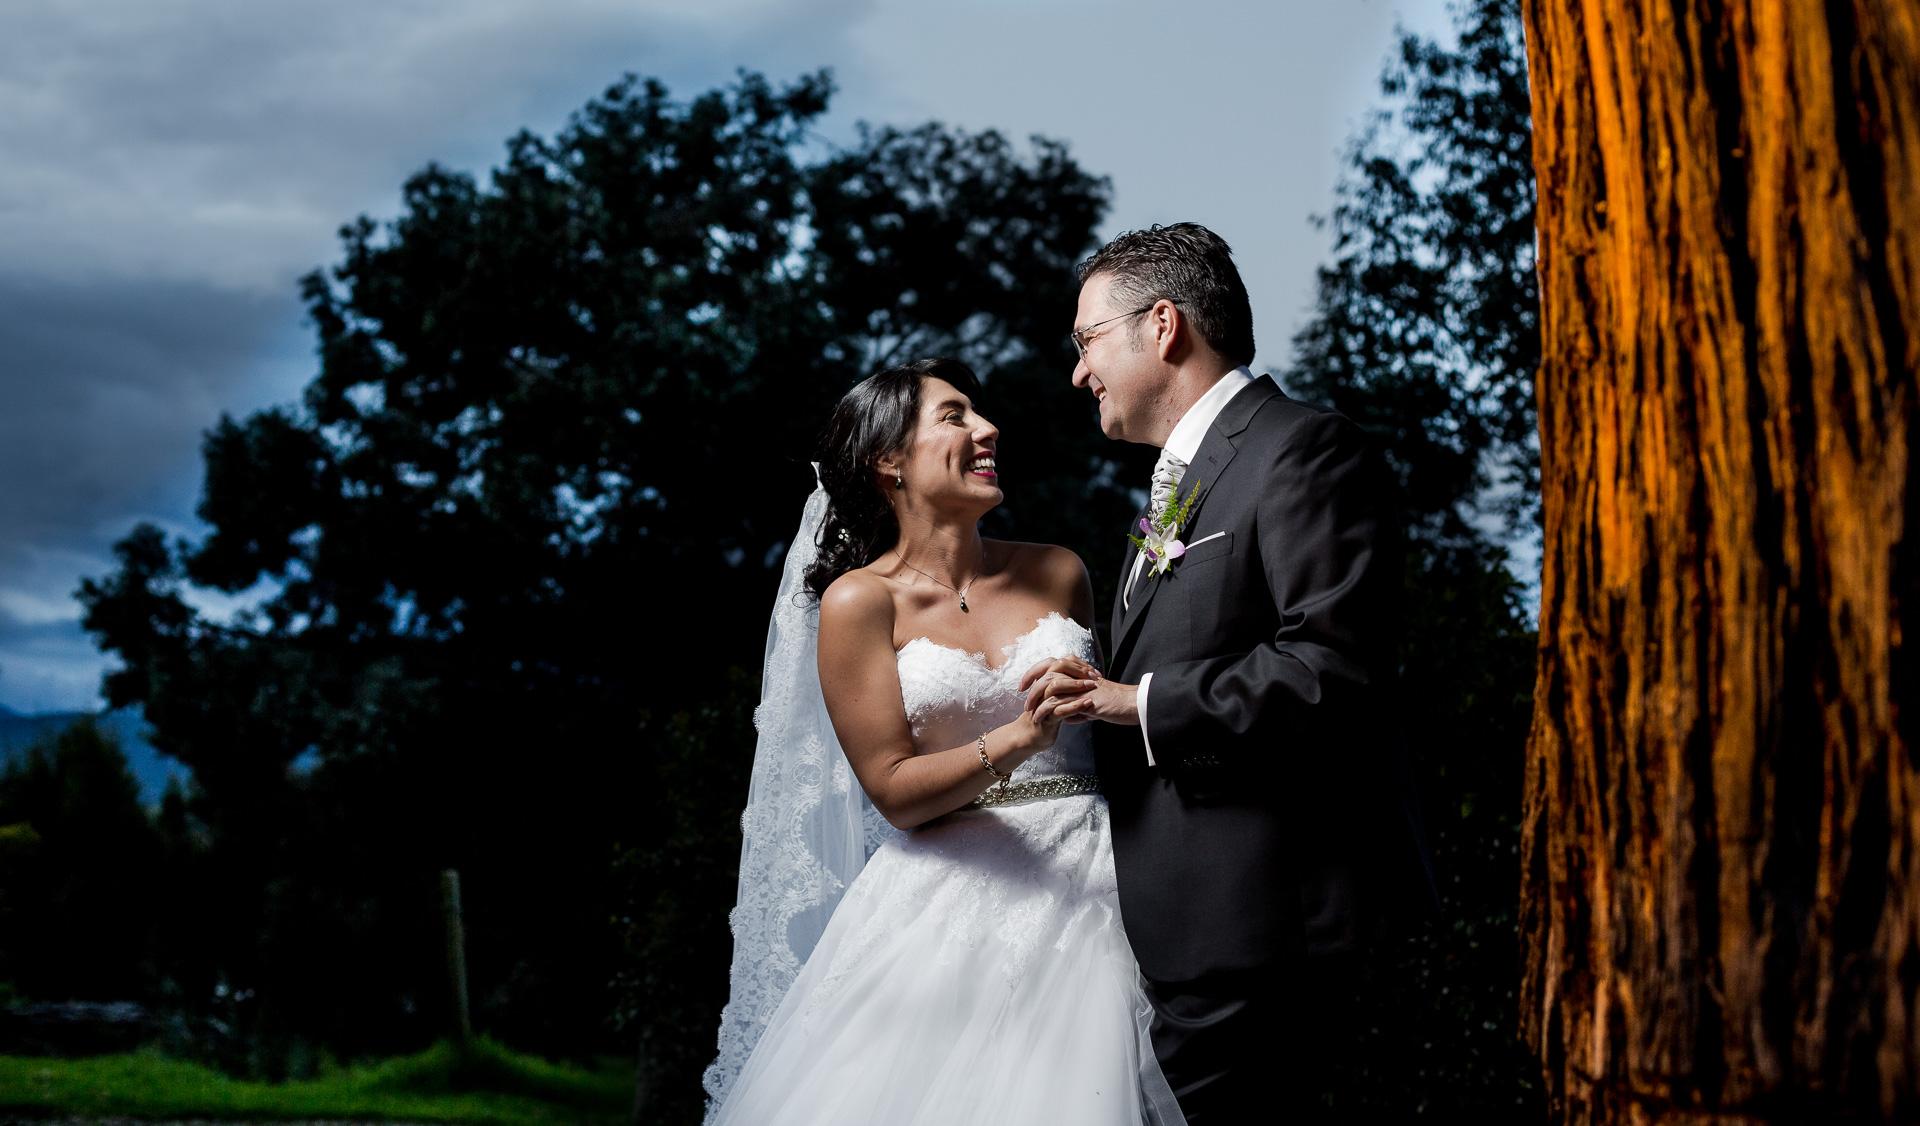 Fotógrafos-de-bodas-en-Colombia-Angela-y-Antonio-47 ANGELA Y ANTONIO